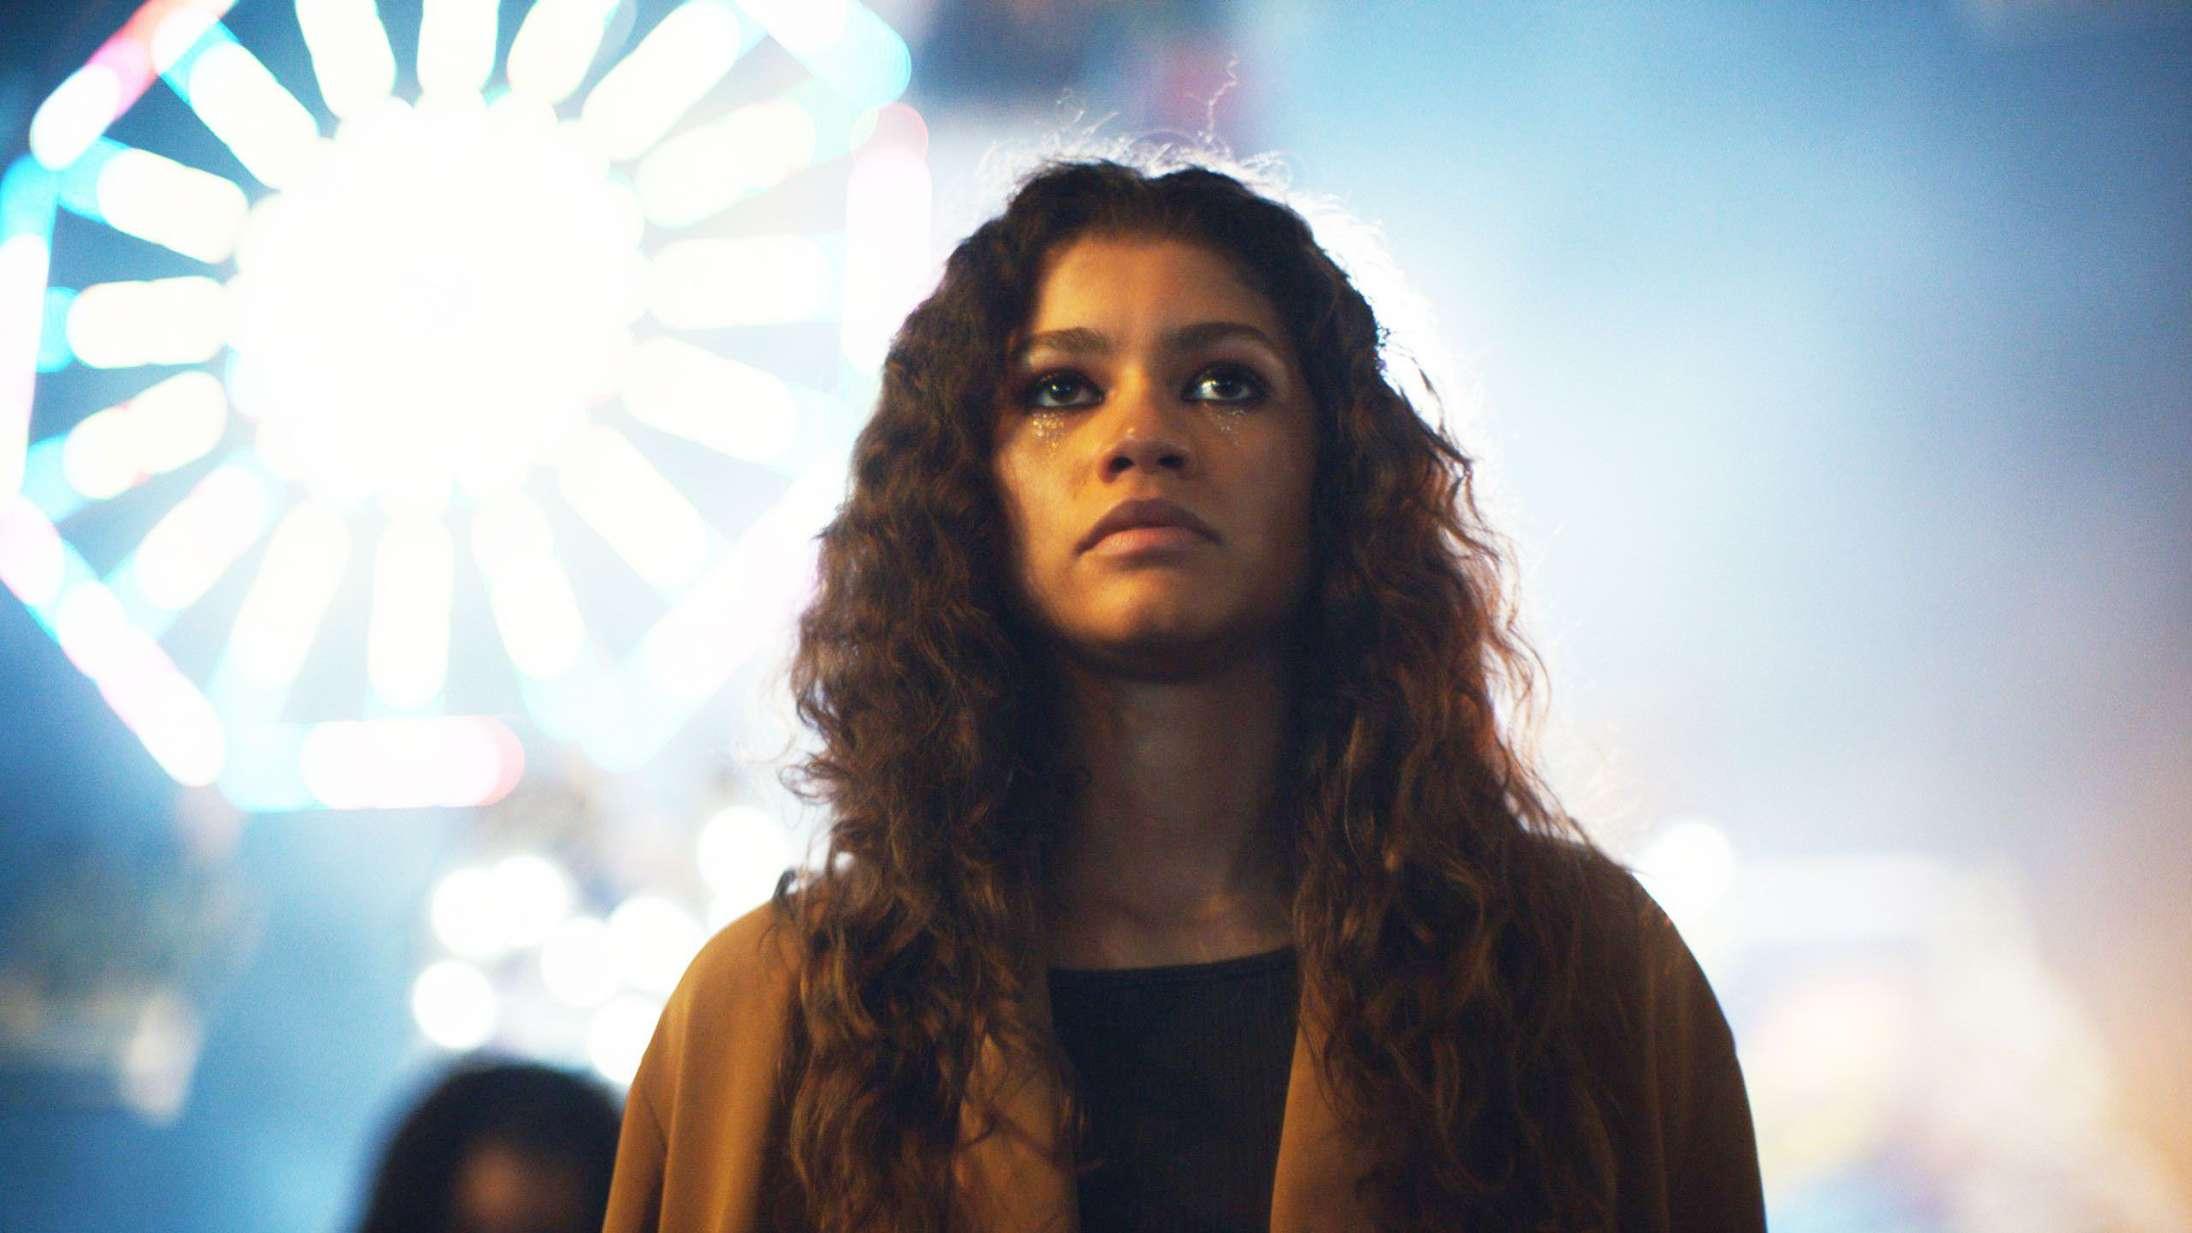 De bedste overraskelser, WTF-forbigåelser og en dansk favorit ved årets Emmy-nomineringer